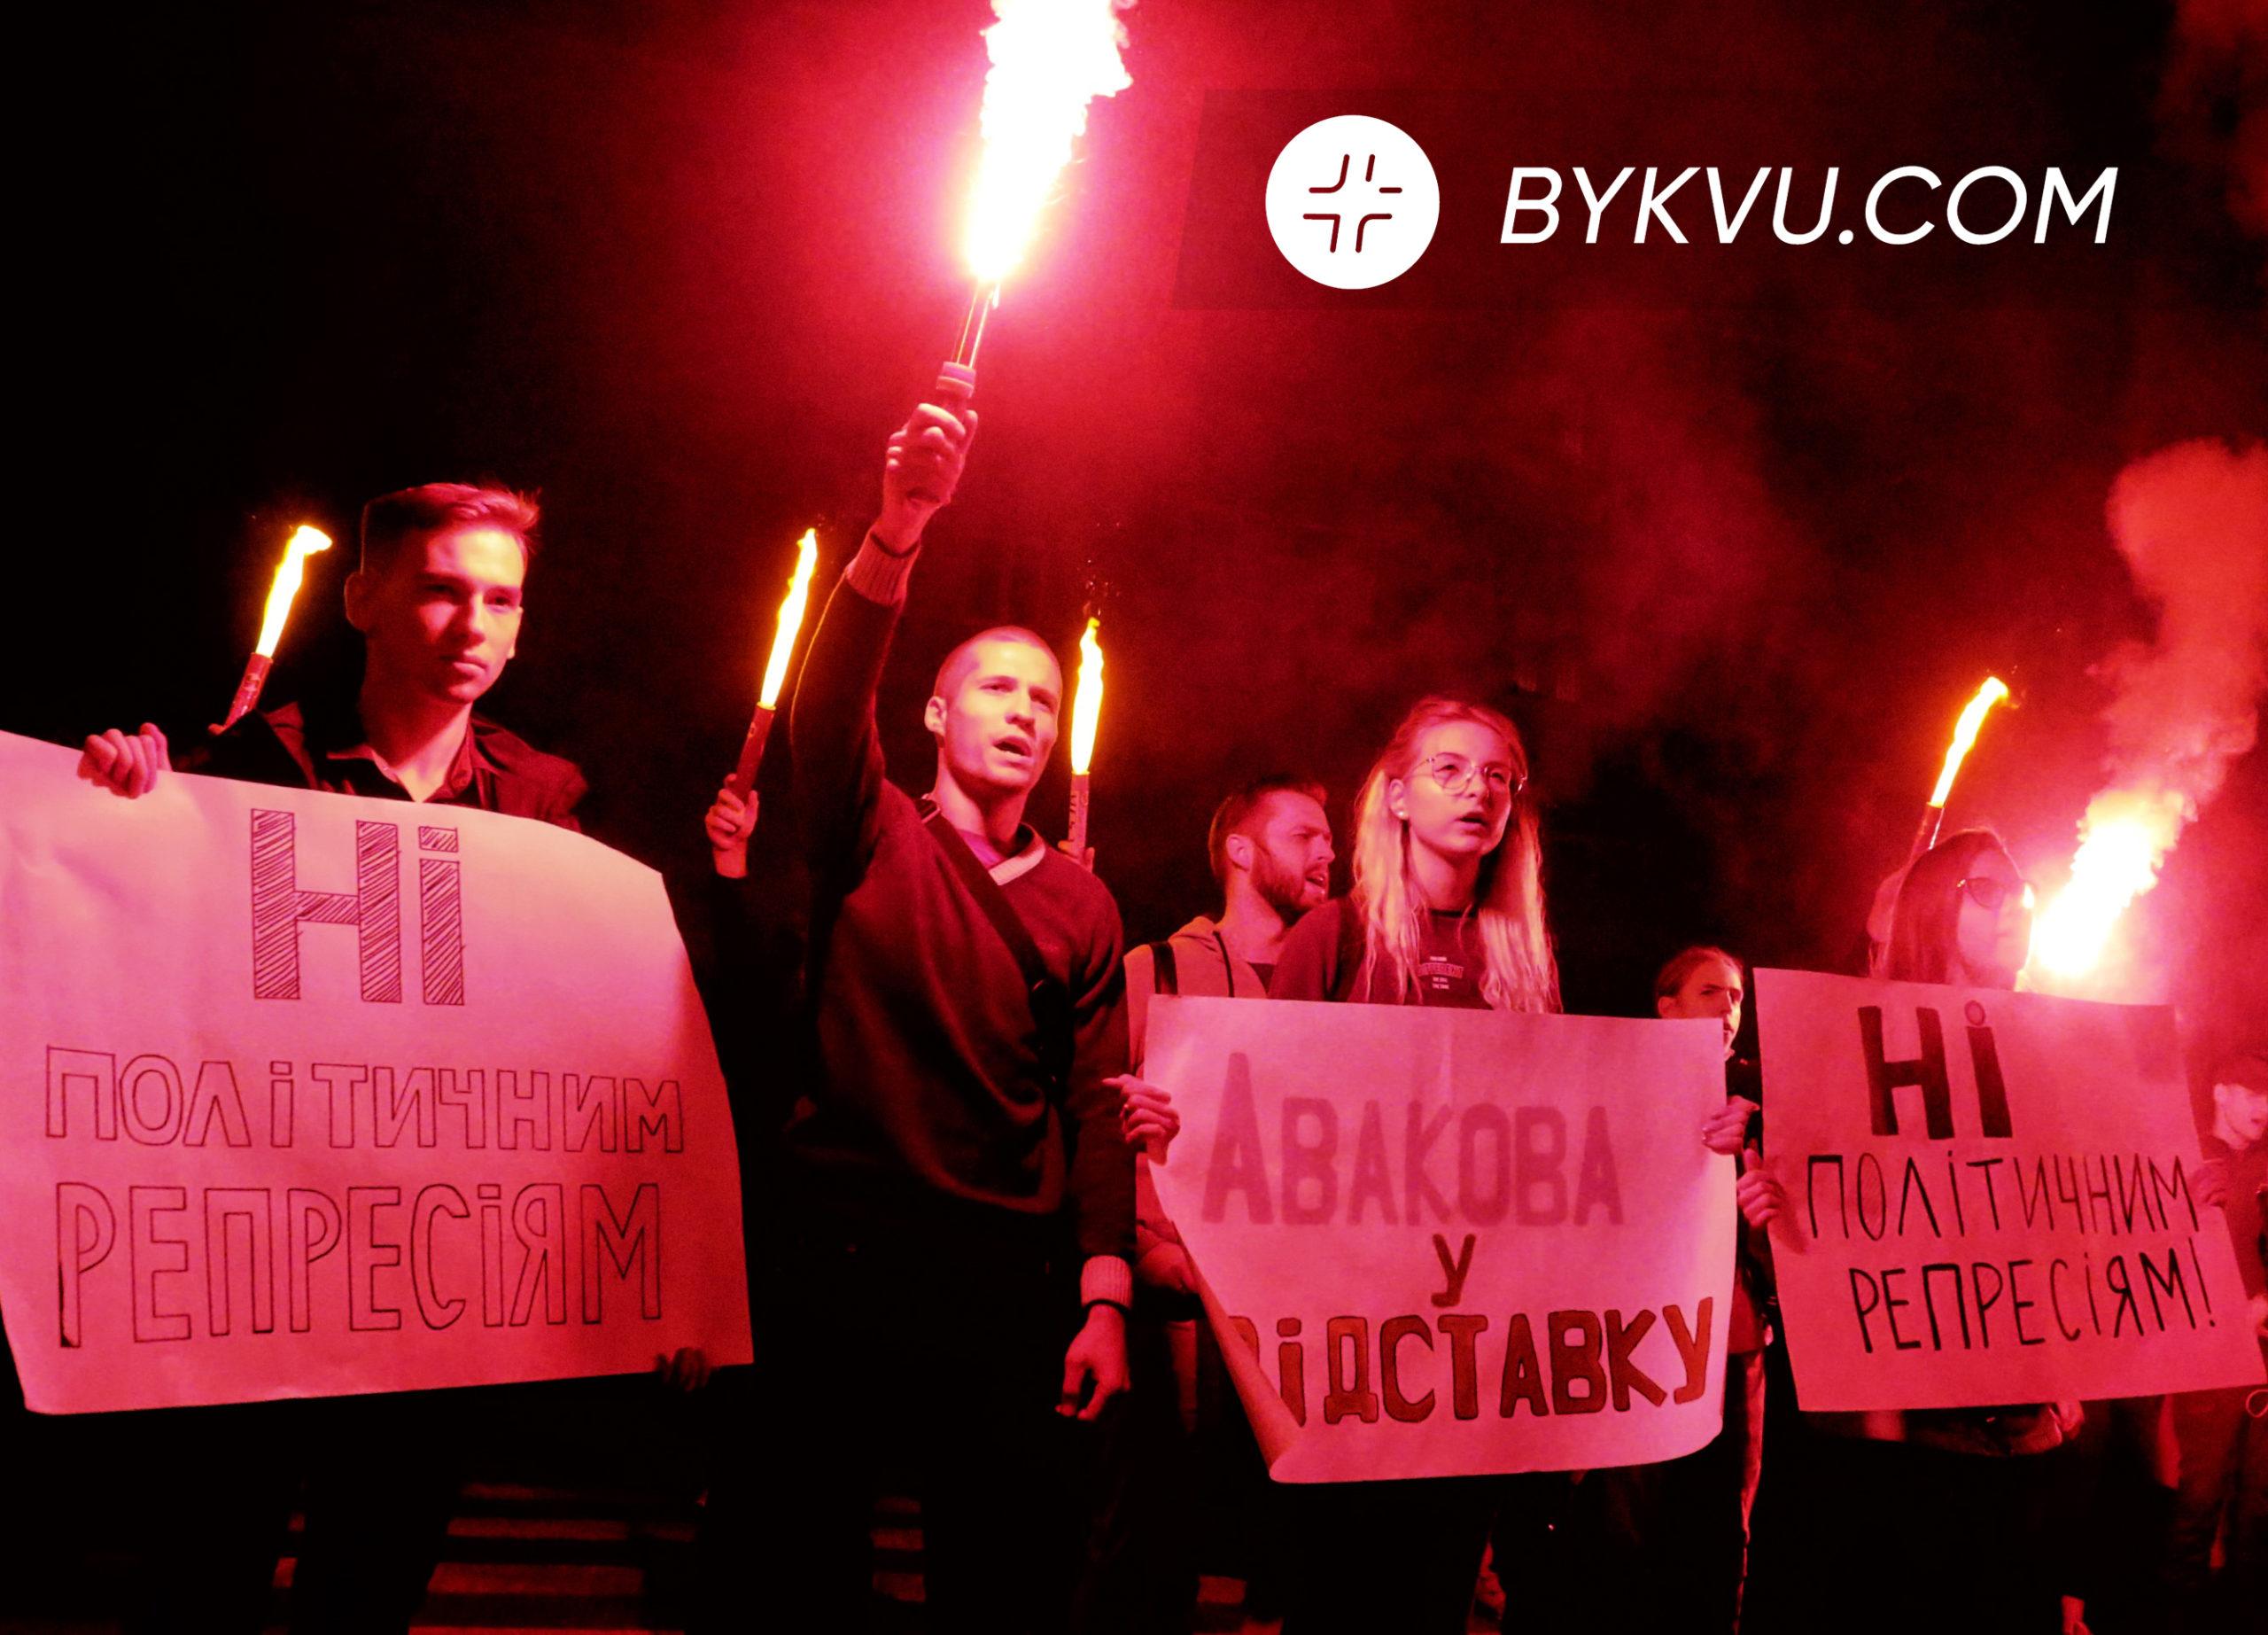 Підозра_Авакову акція_протесту